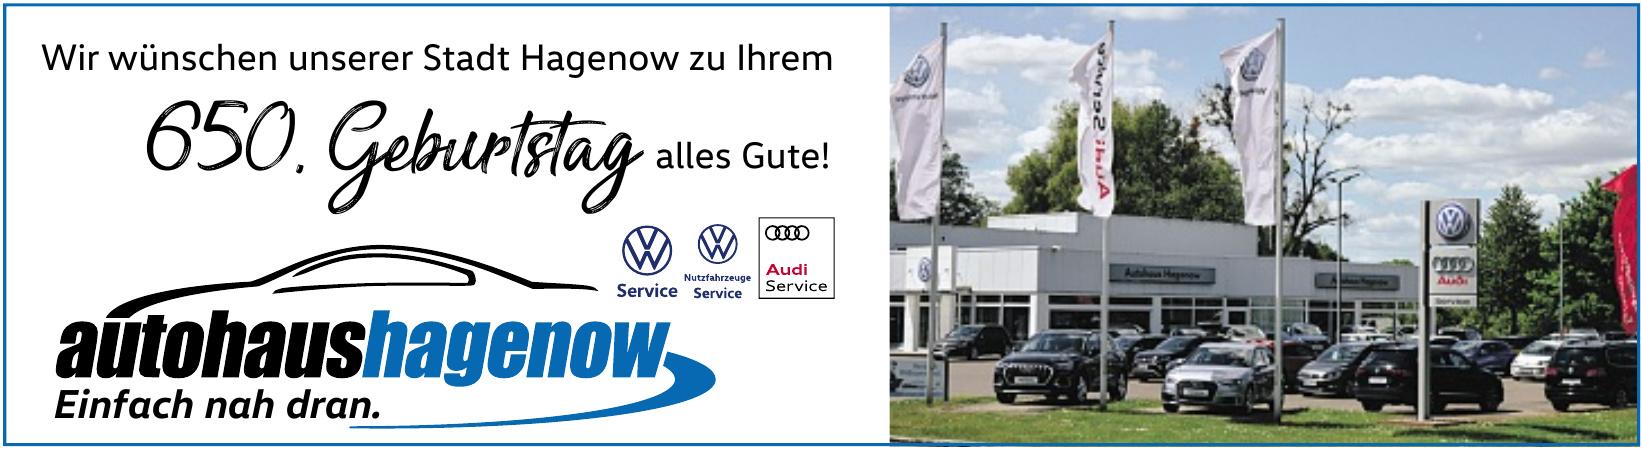 Autohaus Hagenow